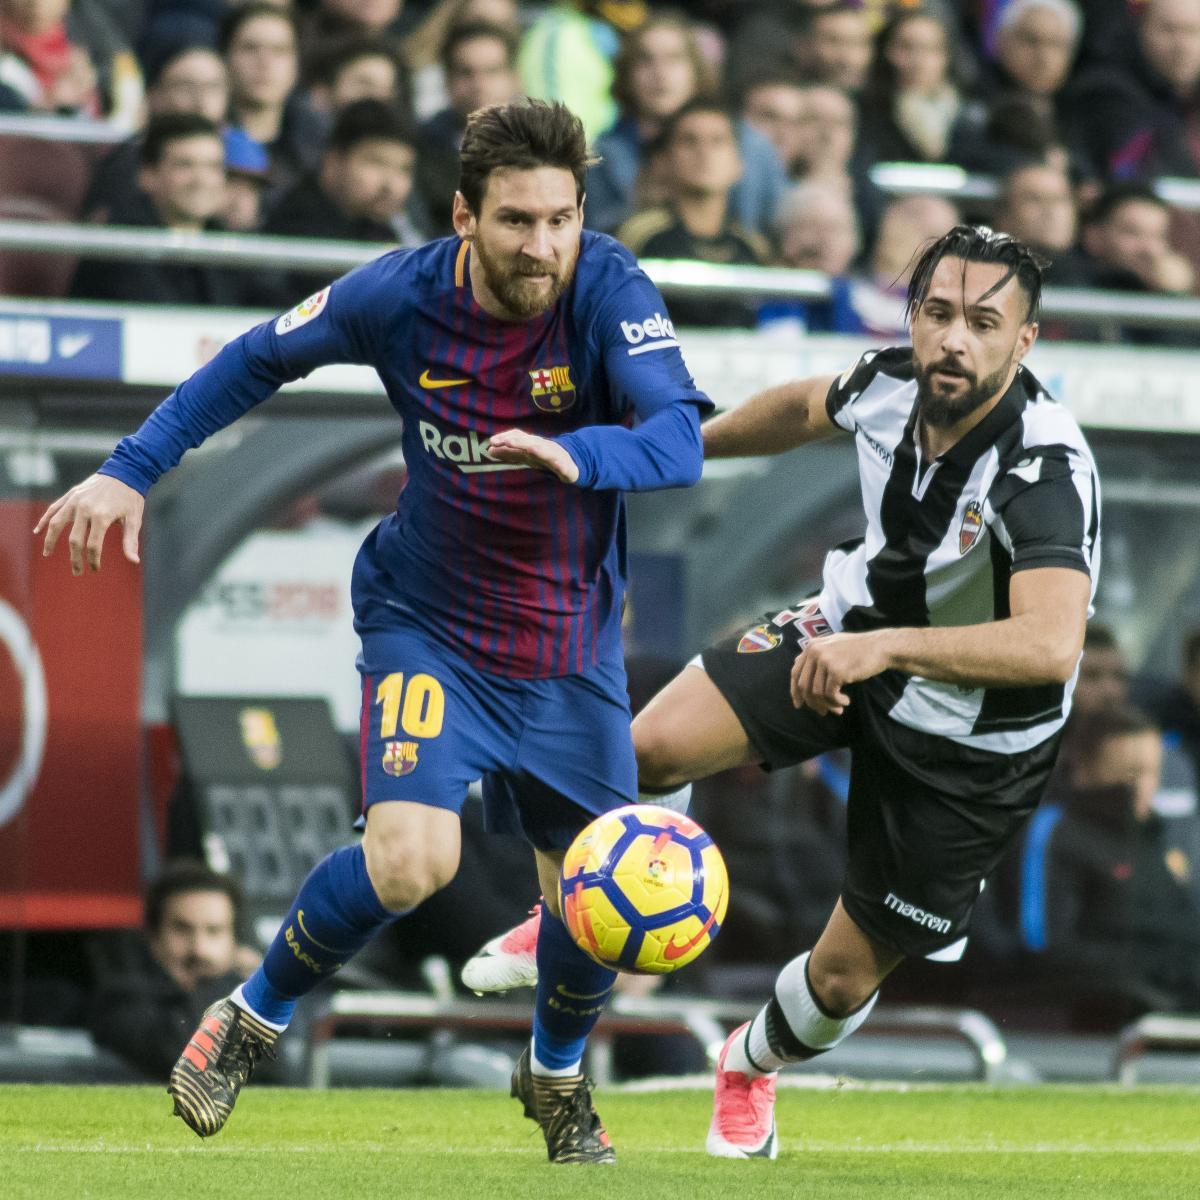 Real Sociedad vs. Barcelona: Team News, Preview, Live Stream, TV Info